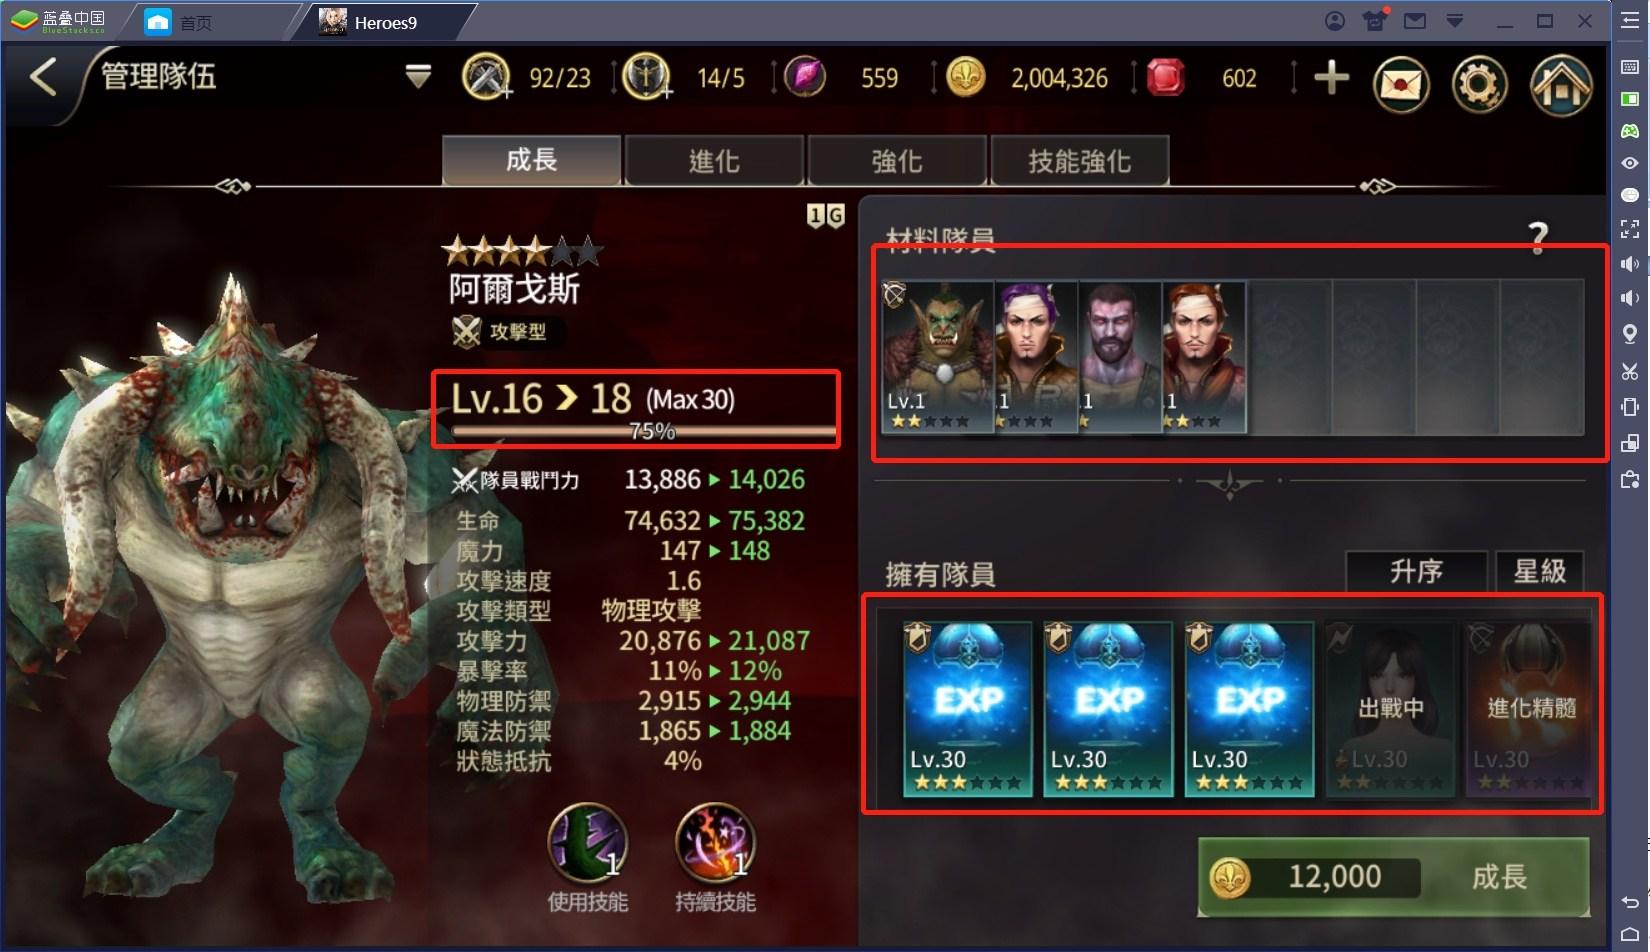 使用BlueStacks在PC上體驗大型多人SRPG手遊《Heroes 9 雄英》